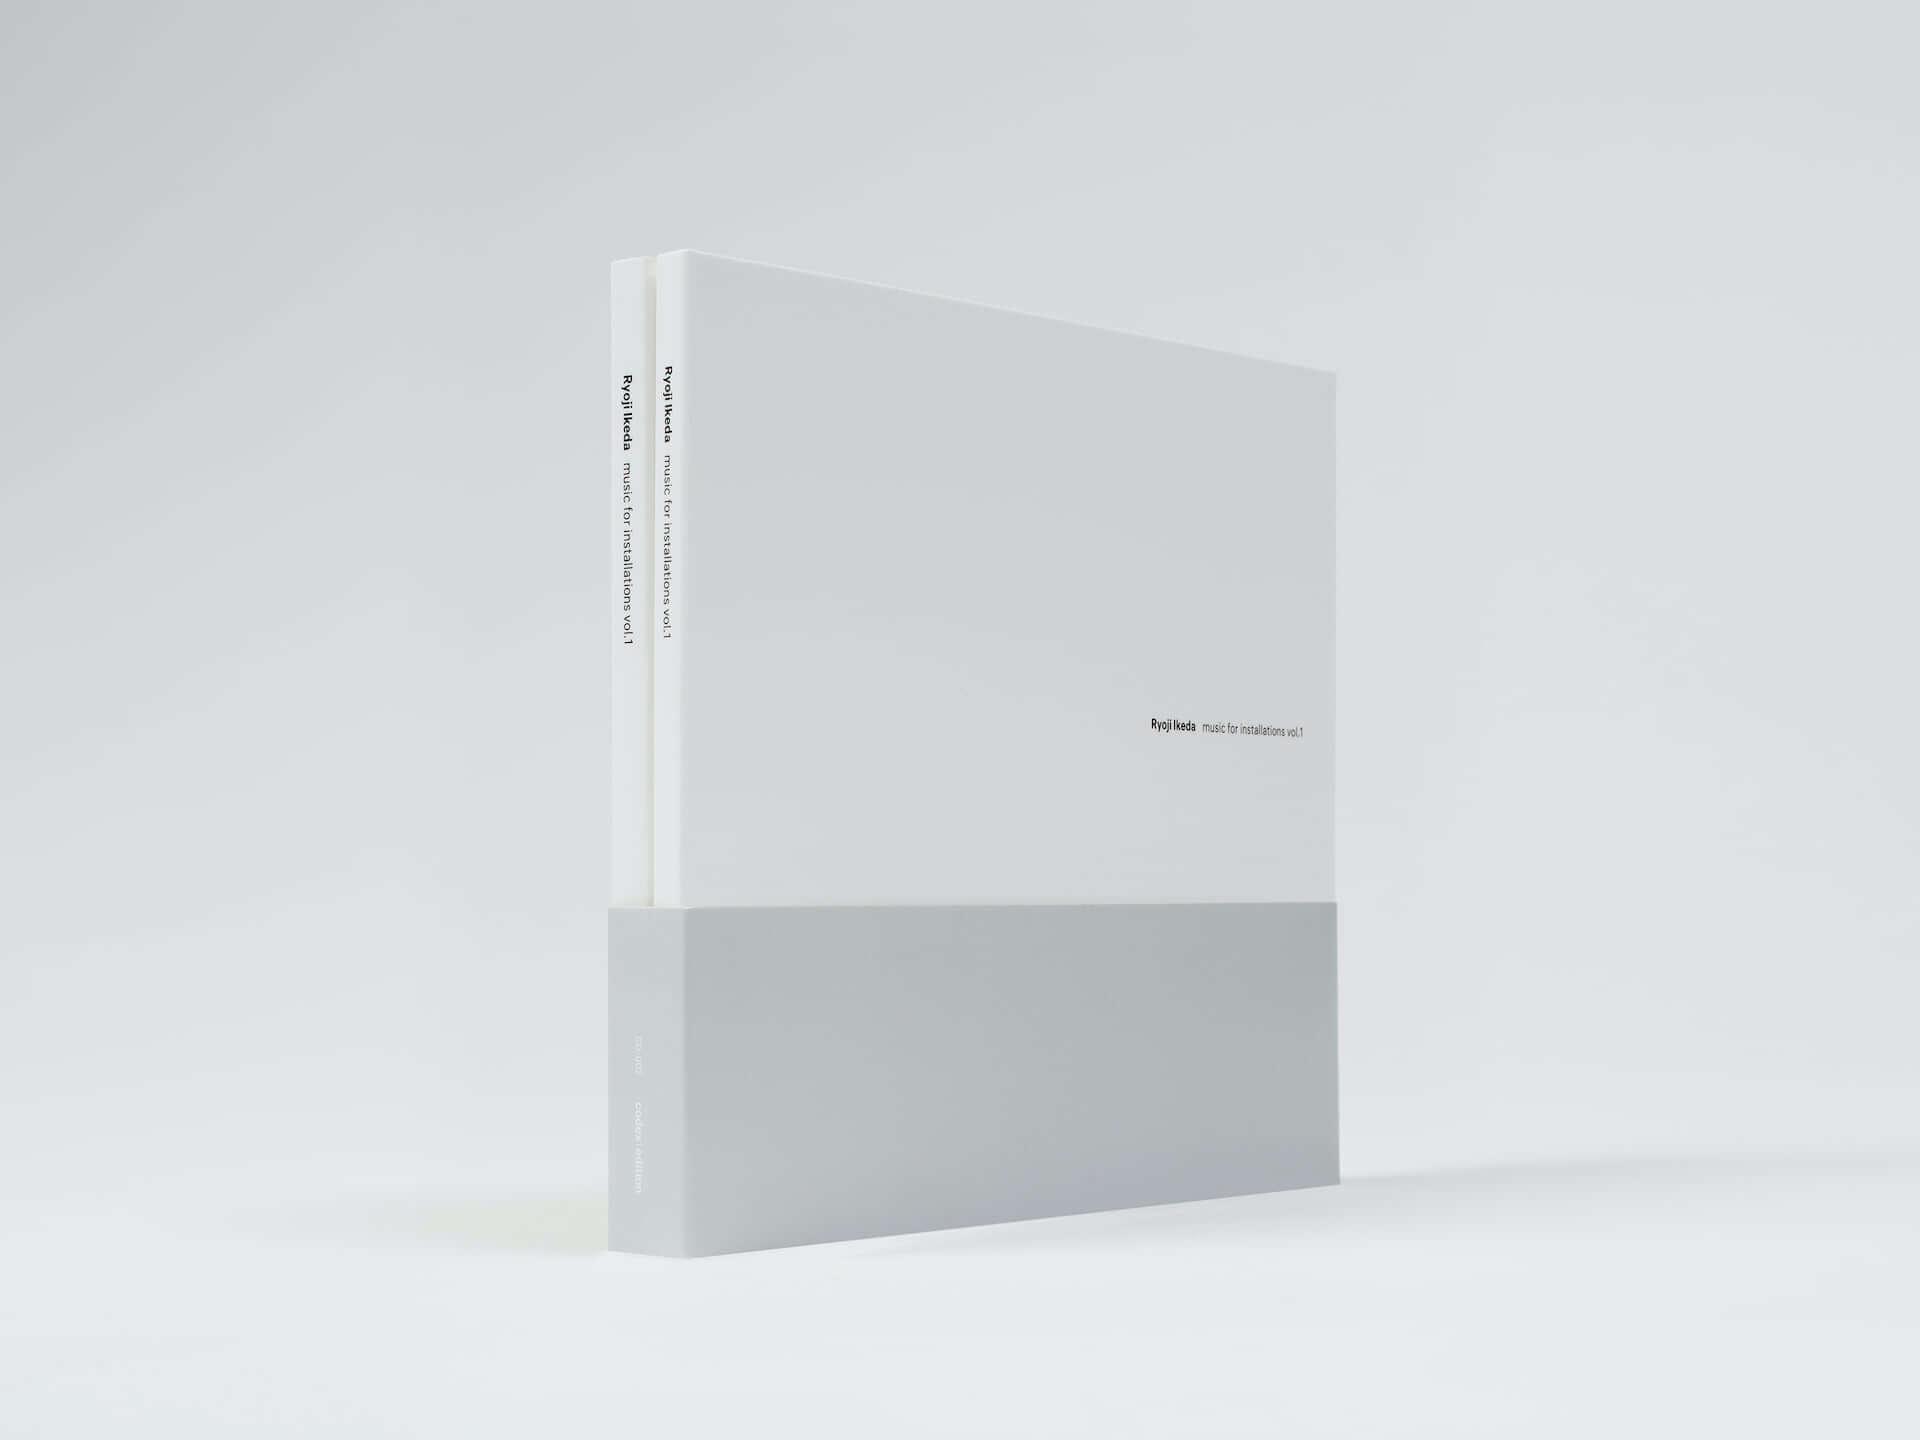 池田亮司の新作『music for installations vol.1』が999部限定で発売決定!オーディオビジュアルインスタレーションの音源を多数収録 music210316_ryoji-ikeda_2-1920x1440